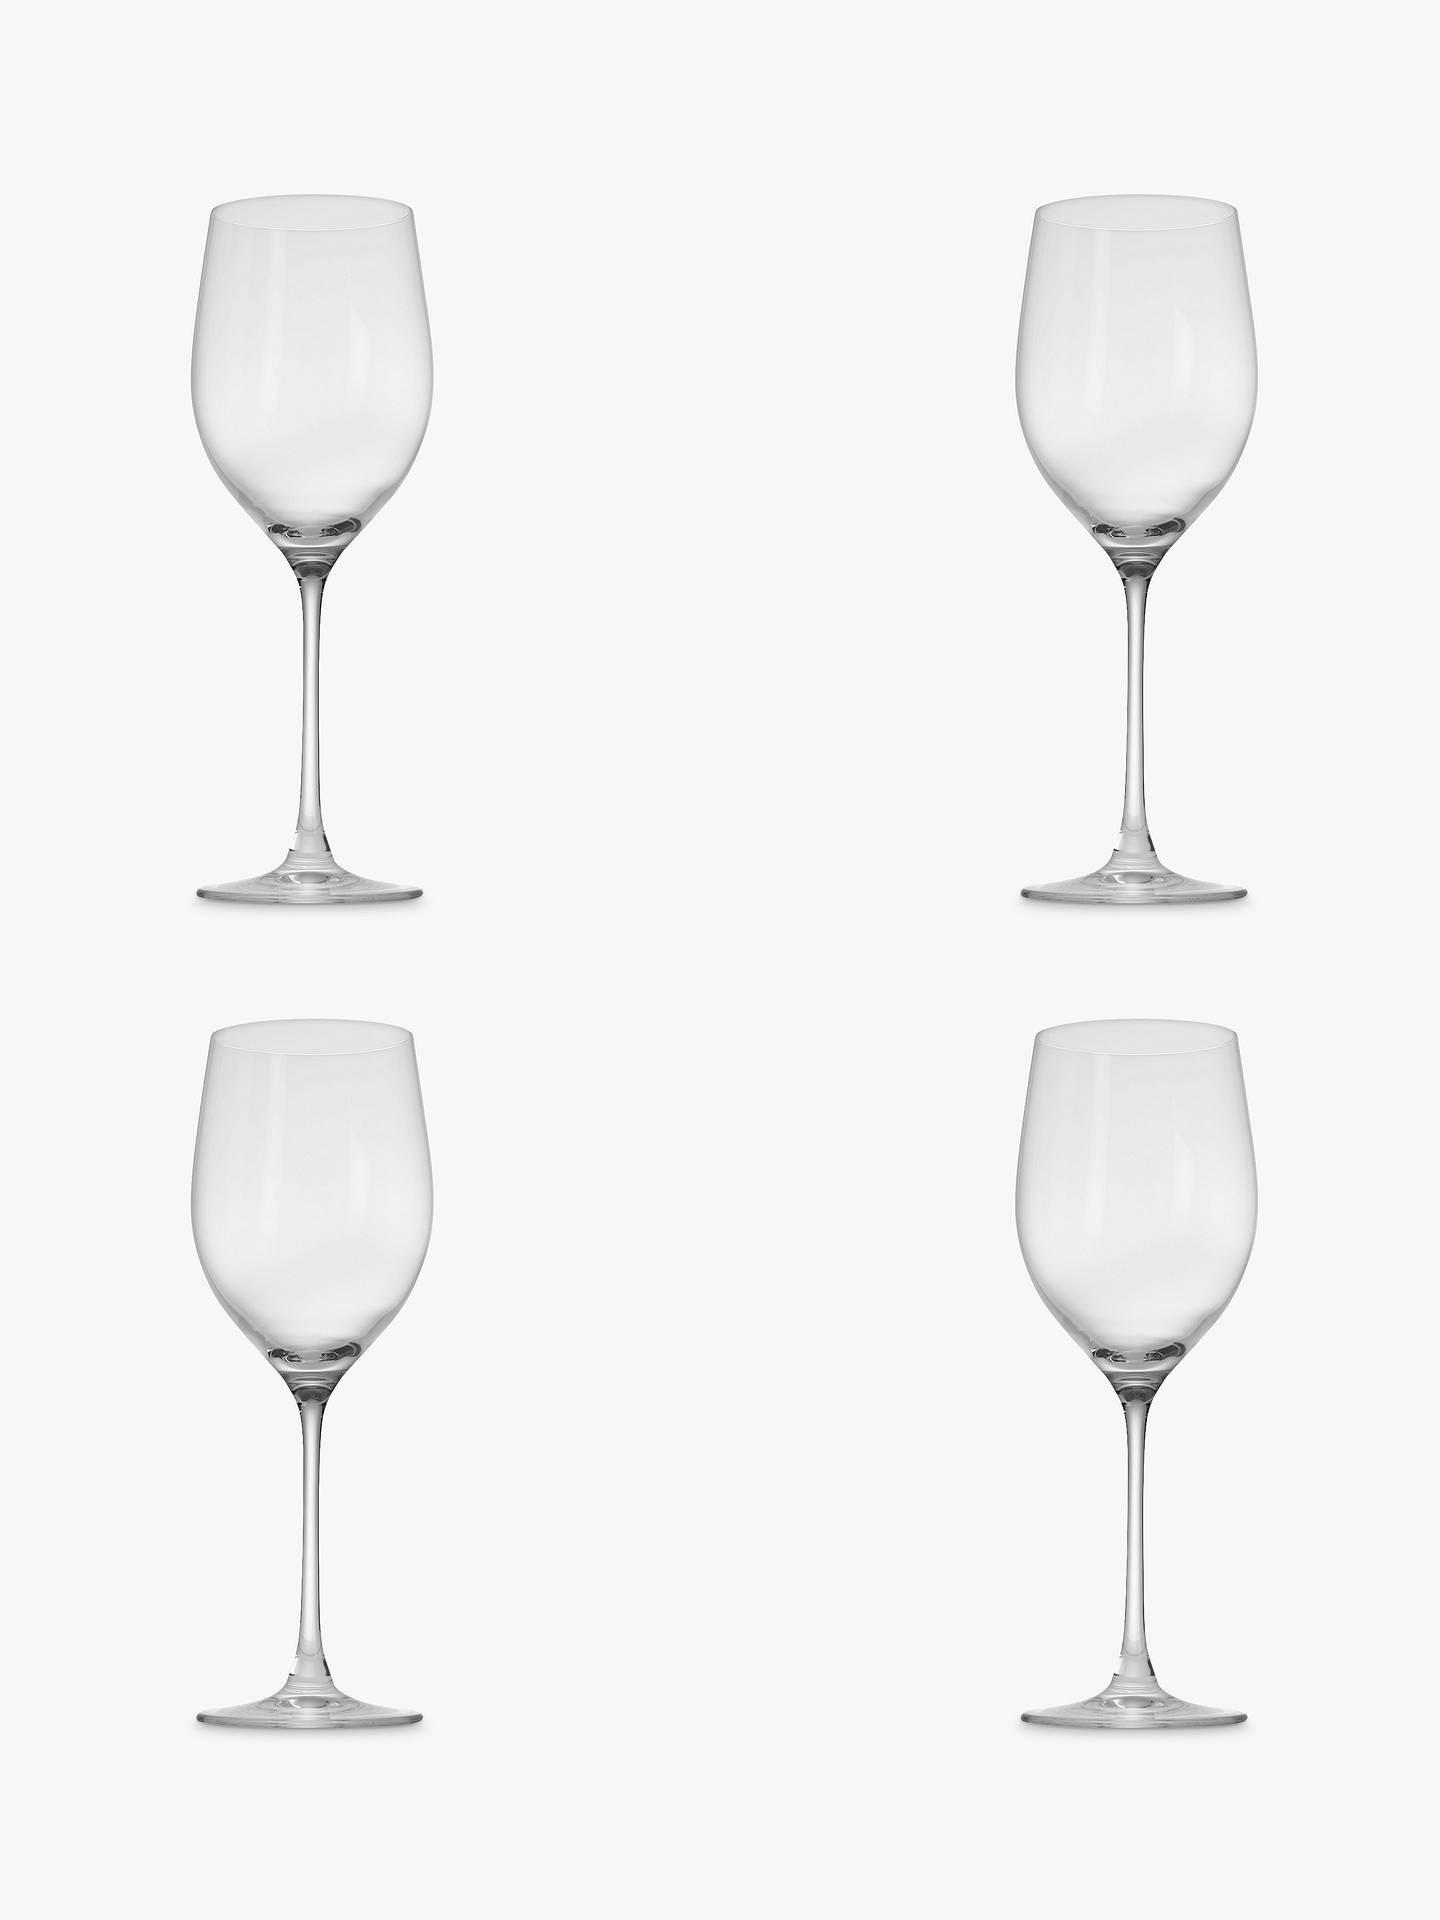 john lewis partners vino red wine glasses set of 4. Black Bedroom Furniture Sets. Home Design Ideas